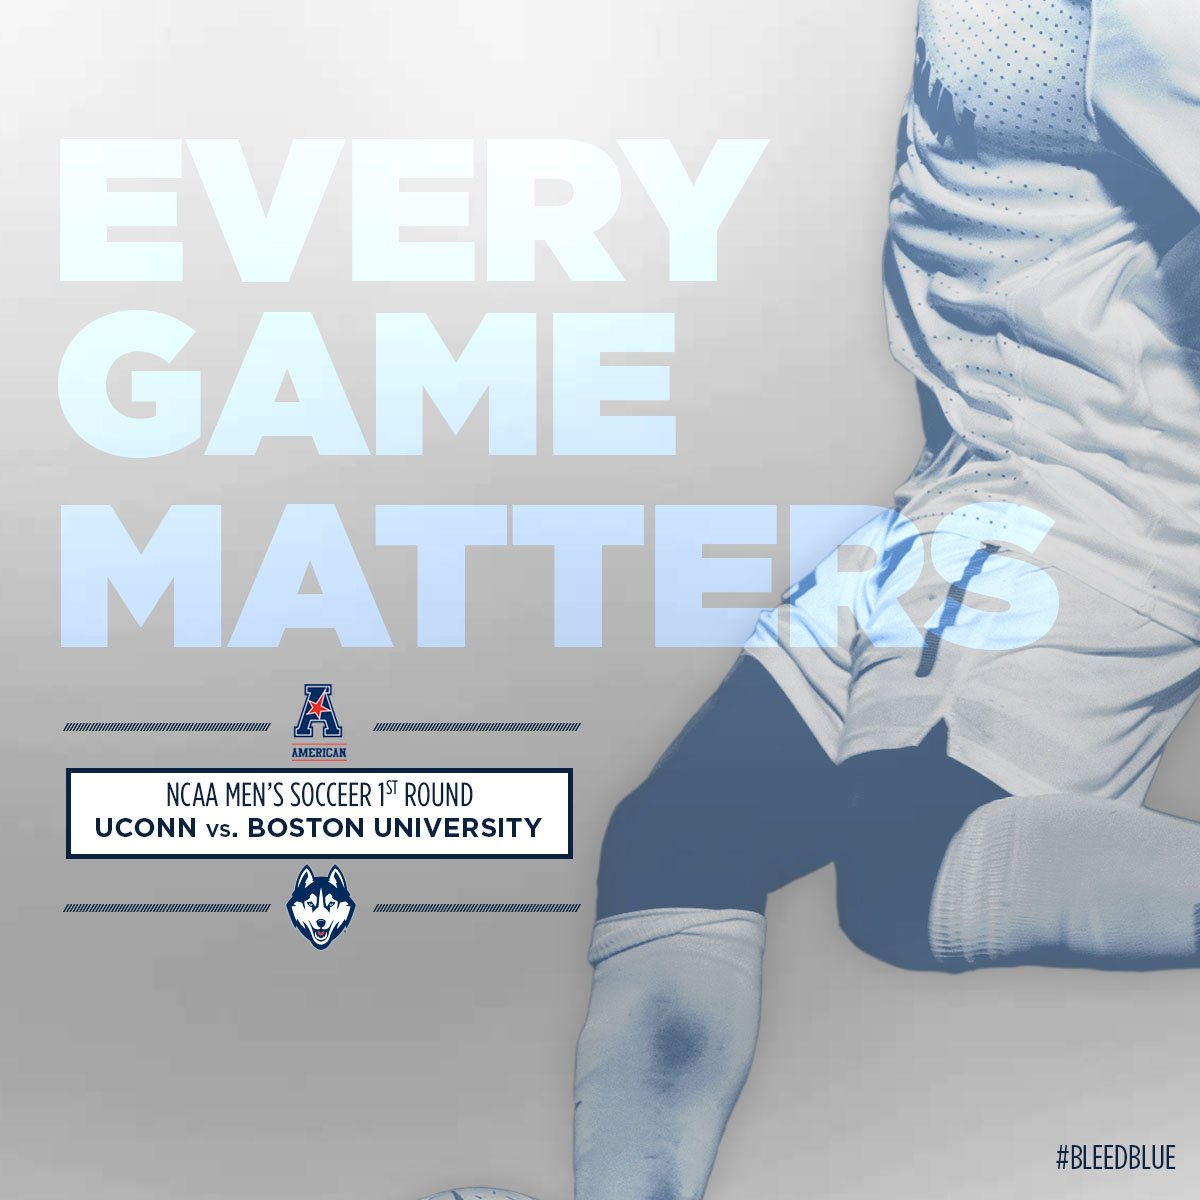 WE'RE IN! #UConn will host Boston University at Morrone Stadium on Thursday, Nov. 19. #EveryGameMatters https://t.co/rurYCJjNUY